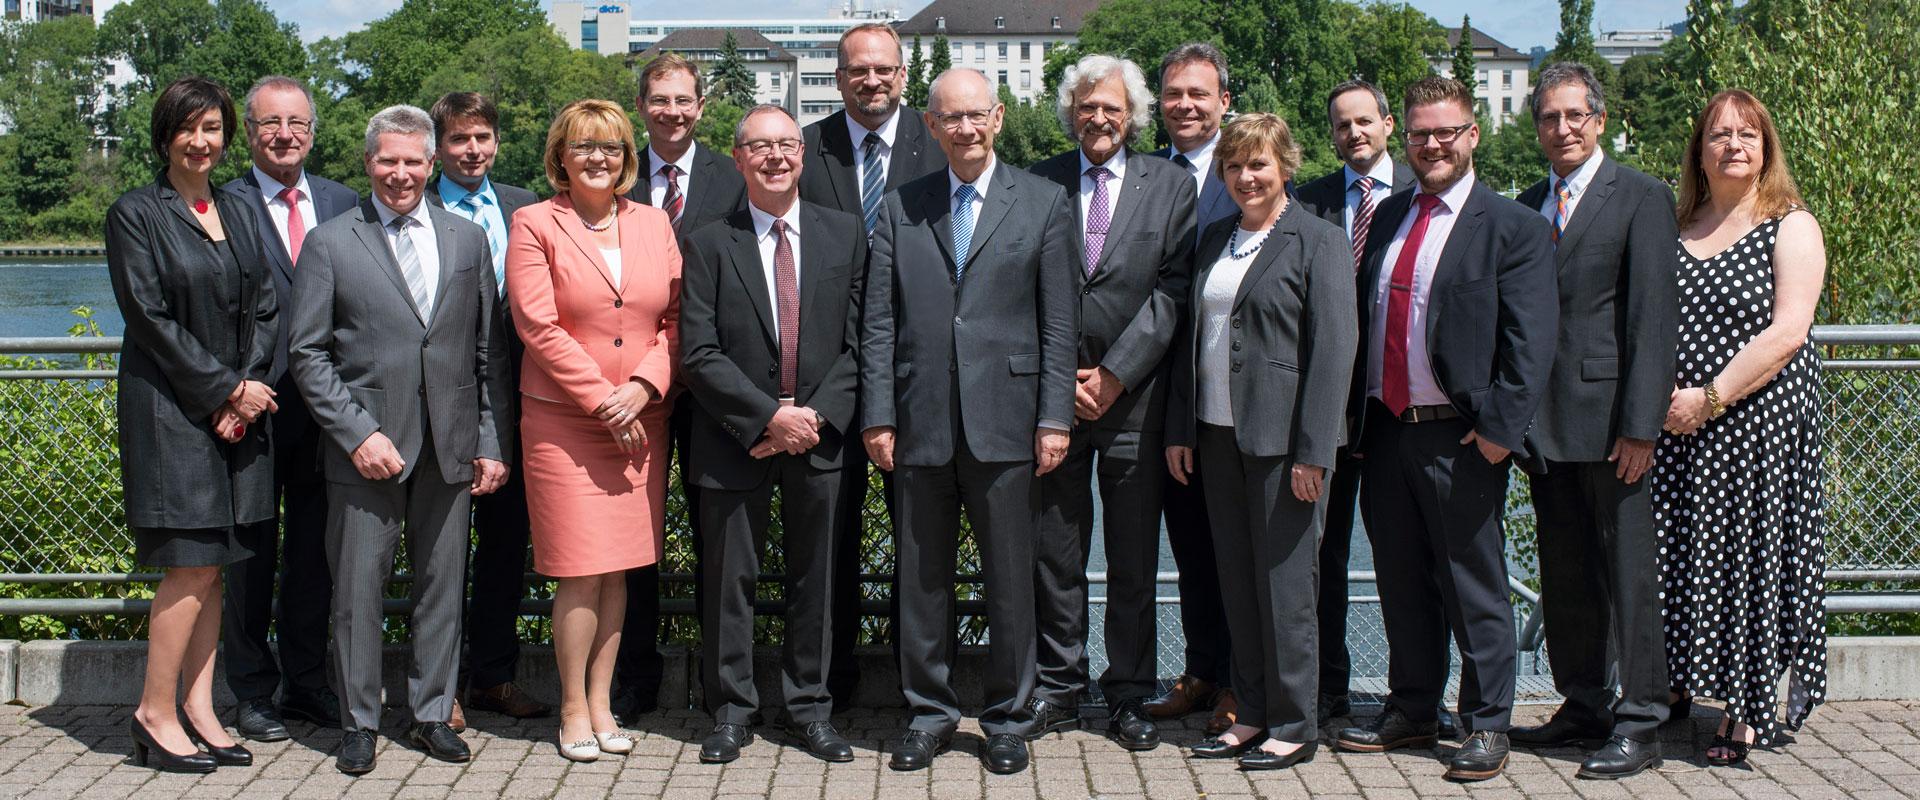 Vorstand der Steuerberaterkammer Nordbaden